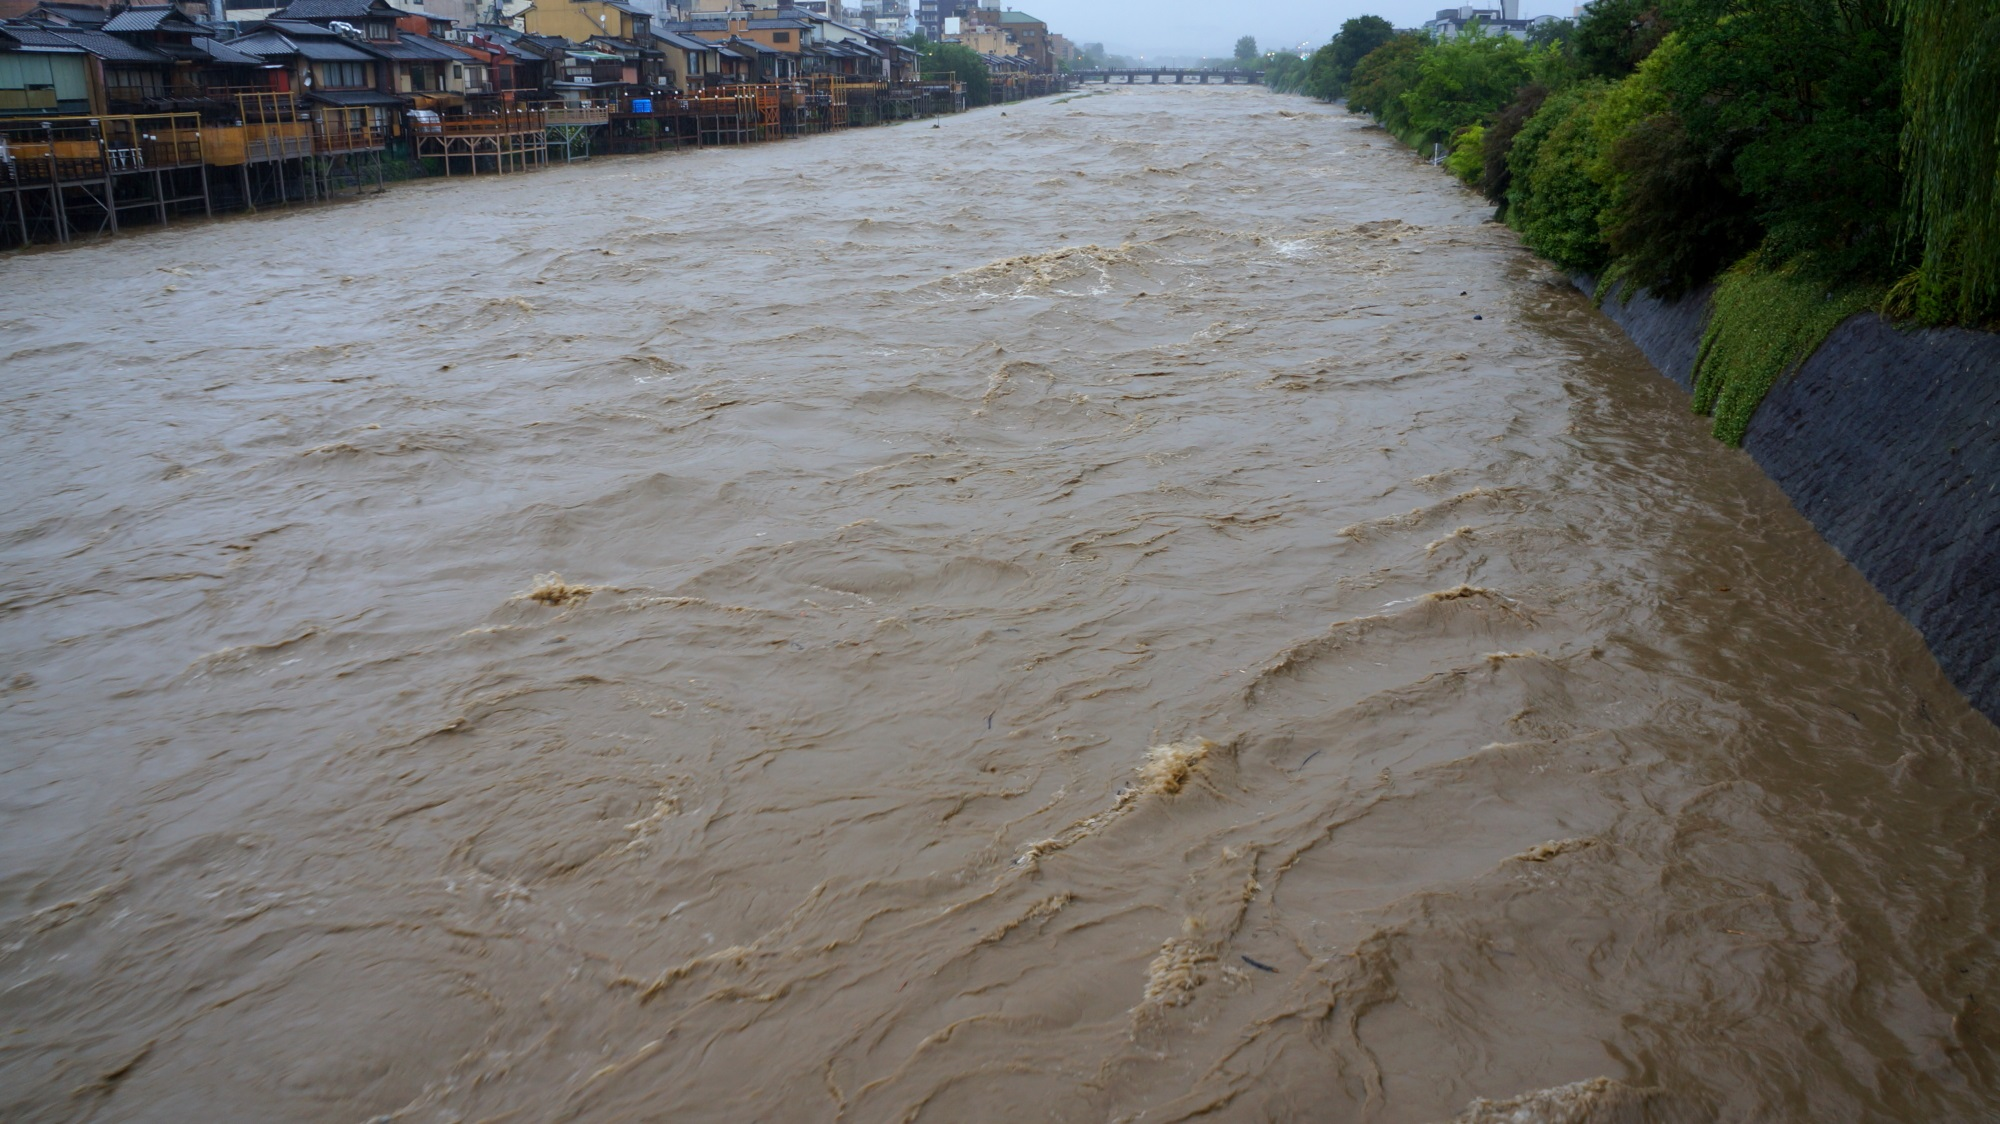 2015年7月18日の四条大橋から眺めた上流の三条大橋方面の増水した鴨川